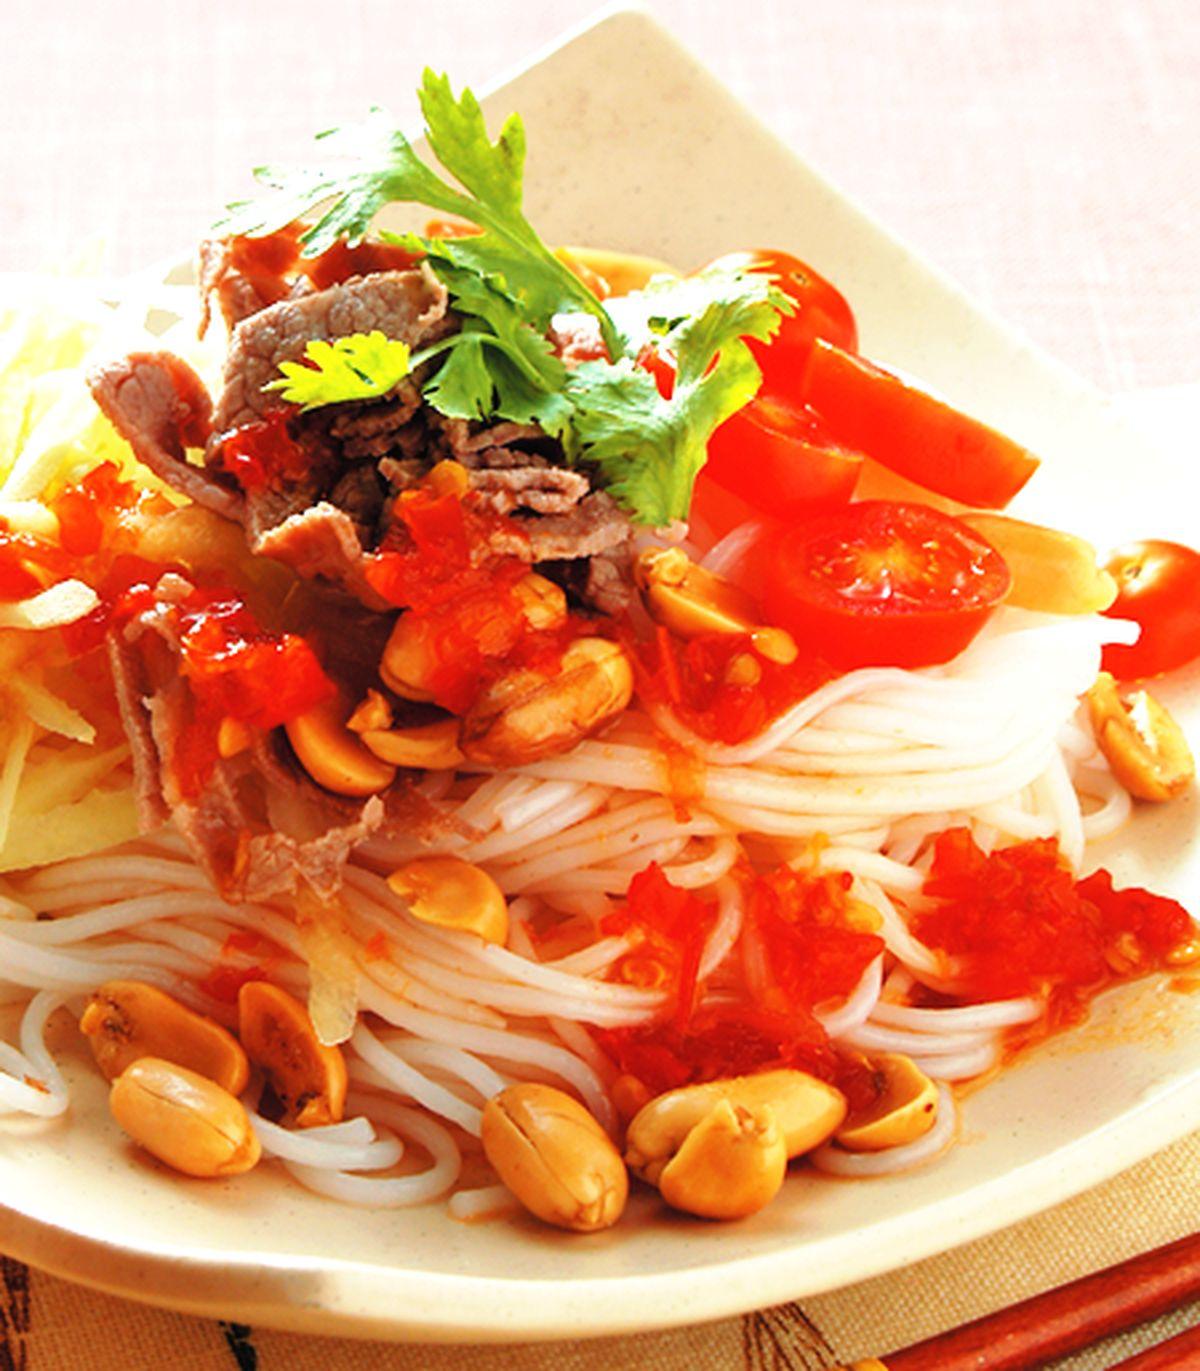 食譜:泰式酸辣涼麵